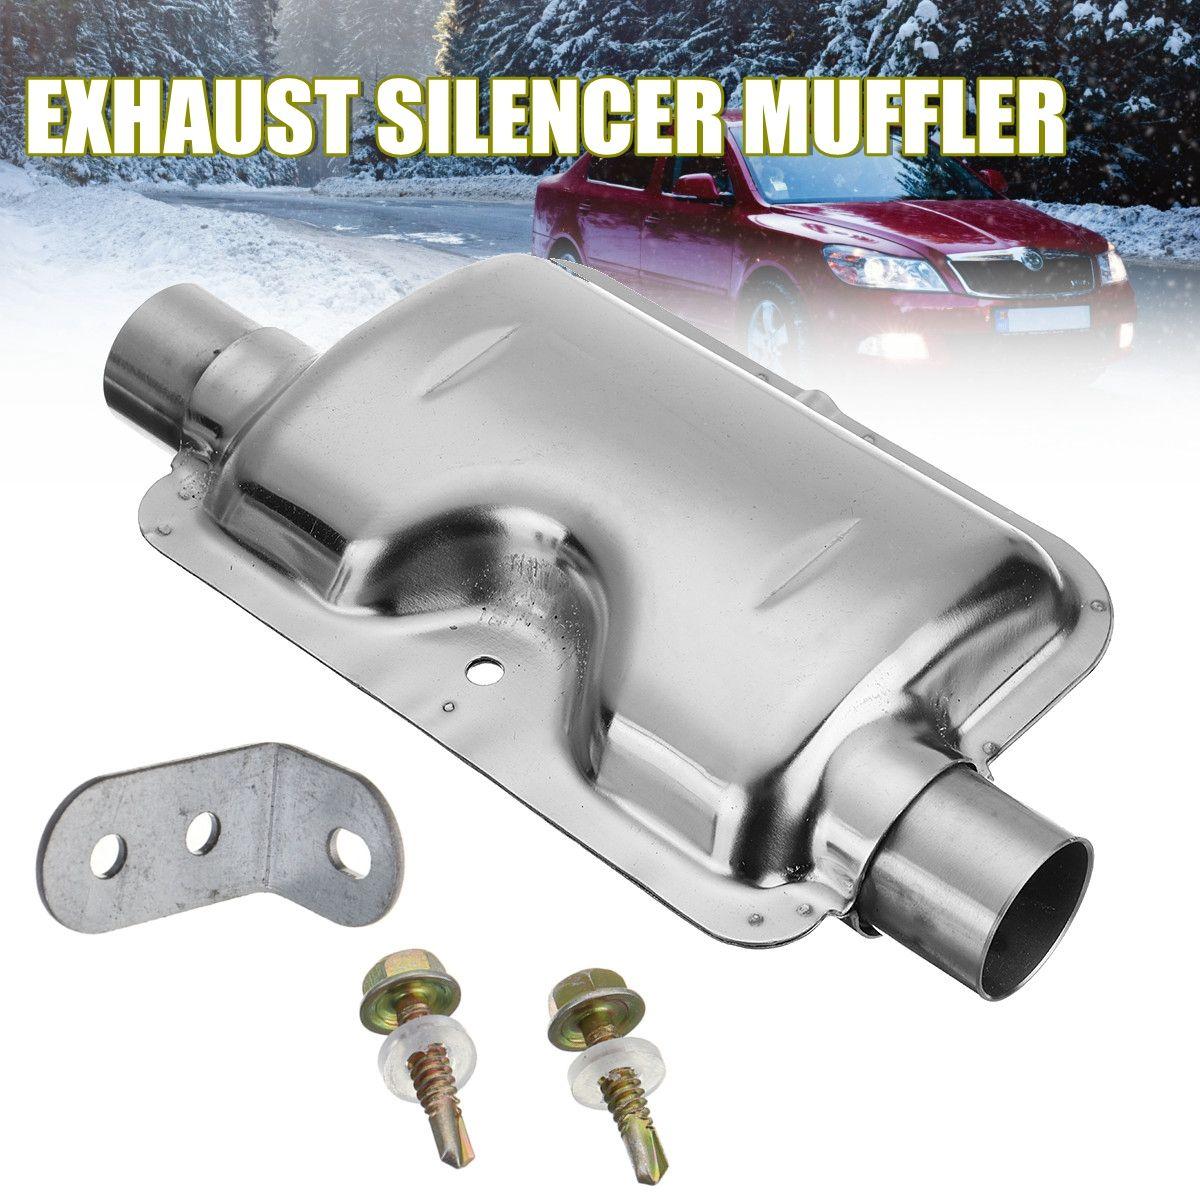 24mm/0,9 zoll Tragbare Silber Auto Abgasschalldämpfer Schalldämpfer für Webasto Eberspacher Heizung